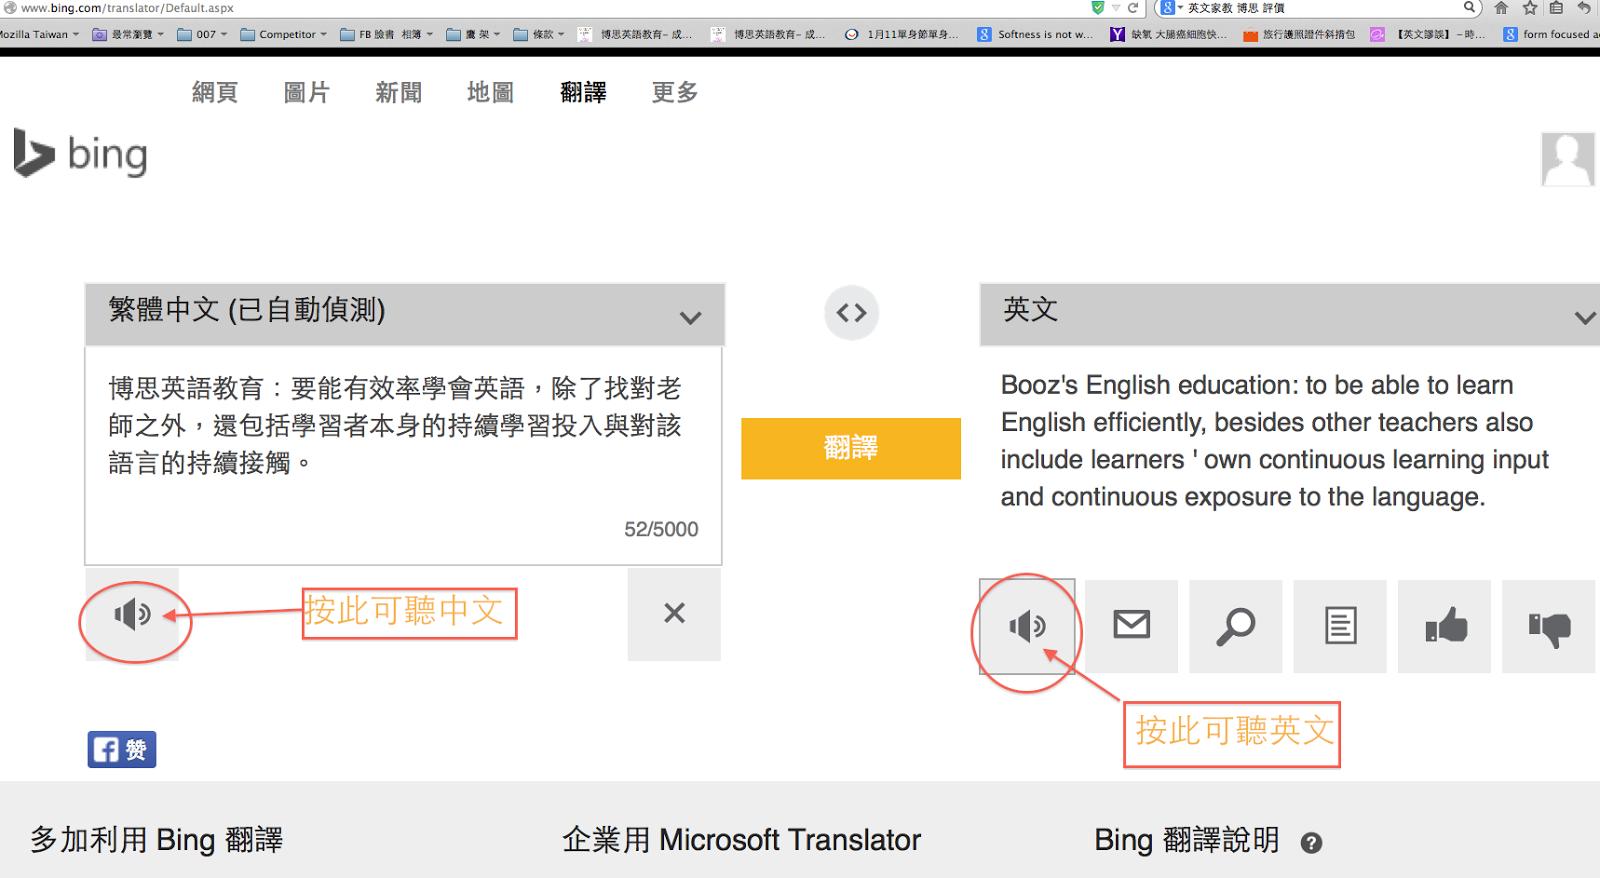 EET Blog. 睿騏英語 部落格: 簡單使用各大免費網站來翻譯英文單字或句子 -懶人包教學